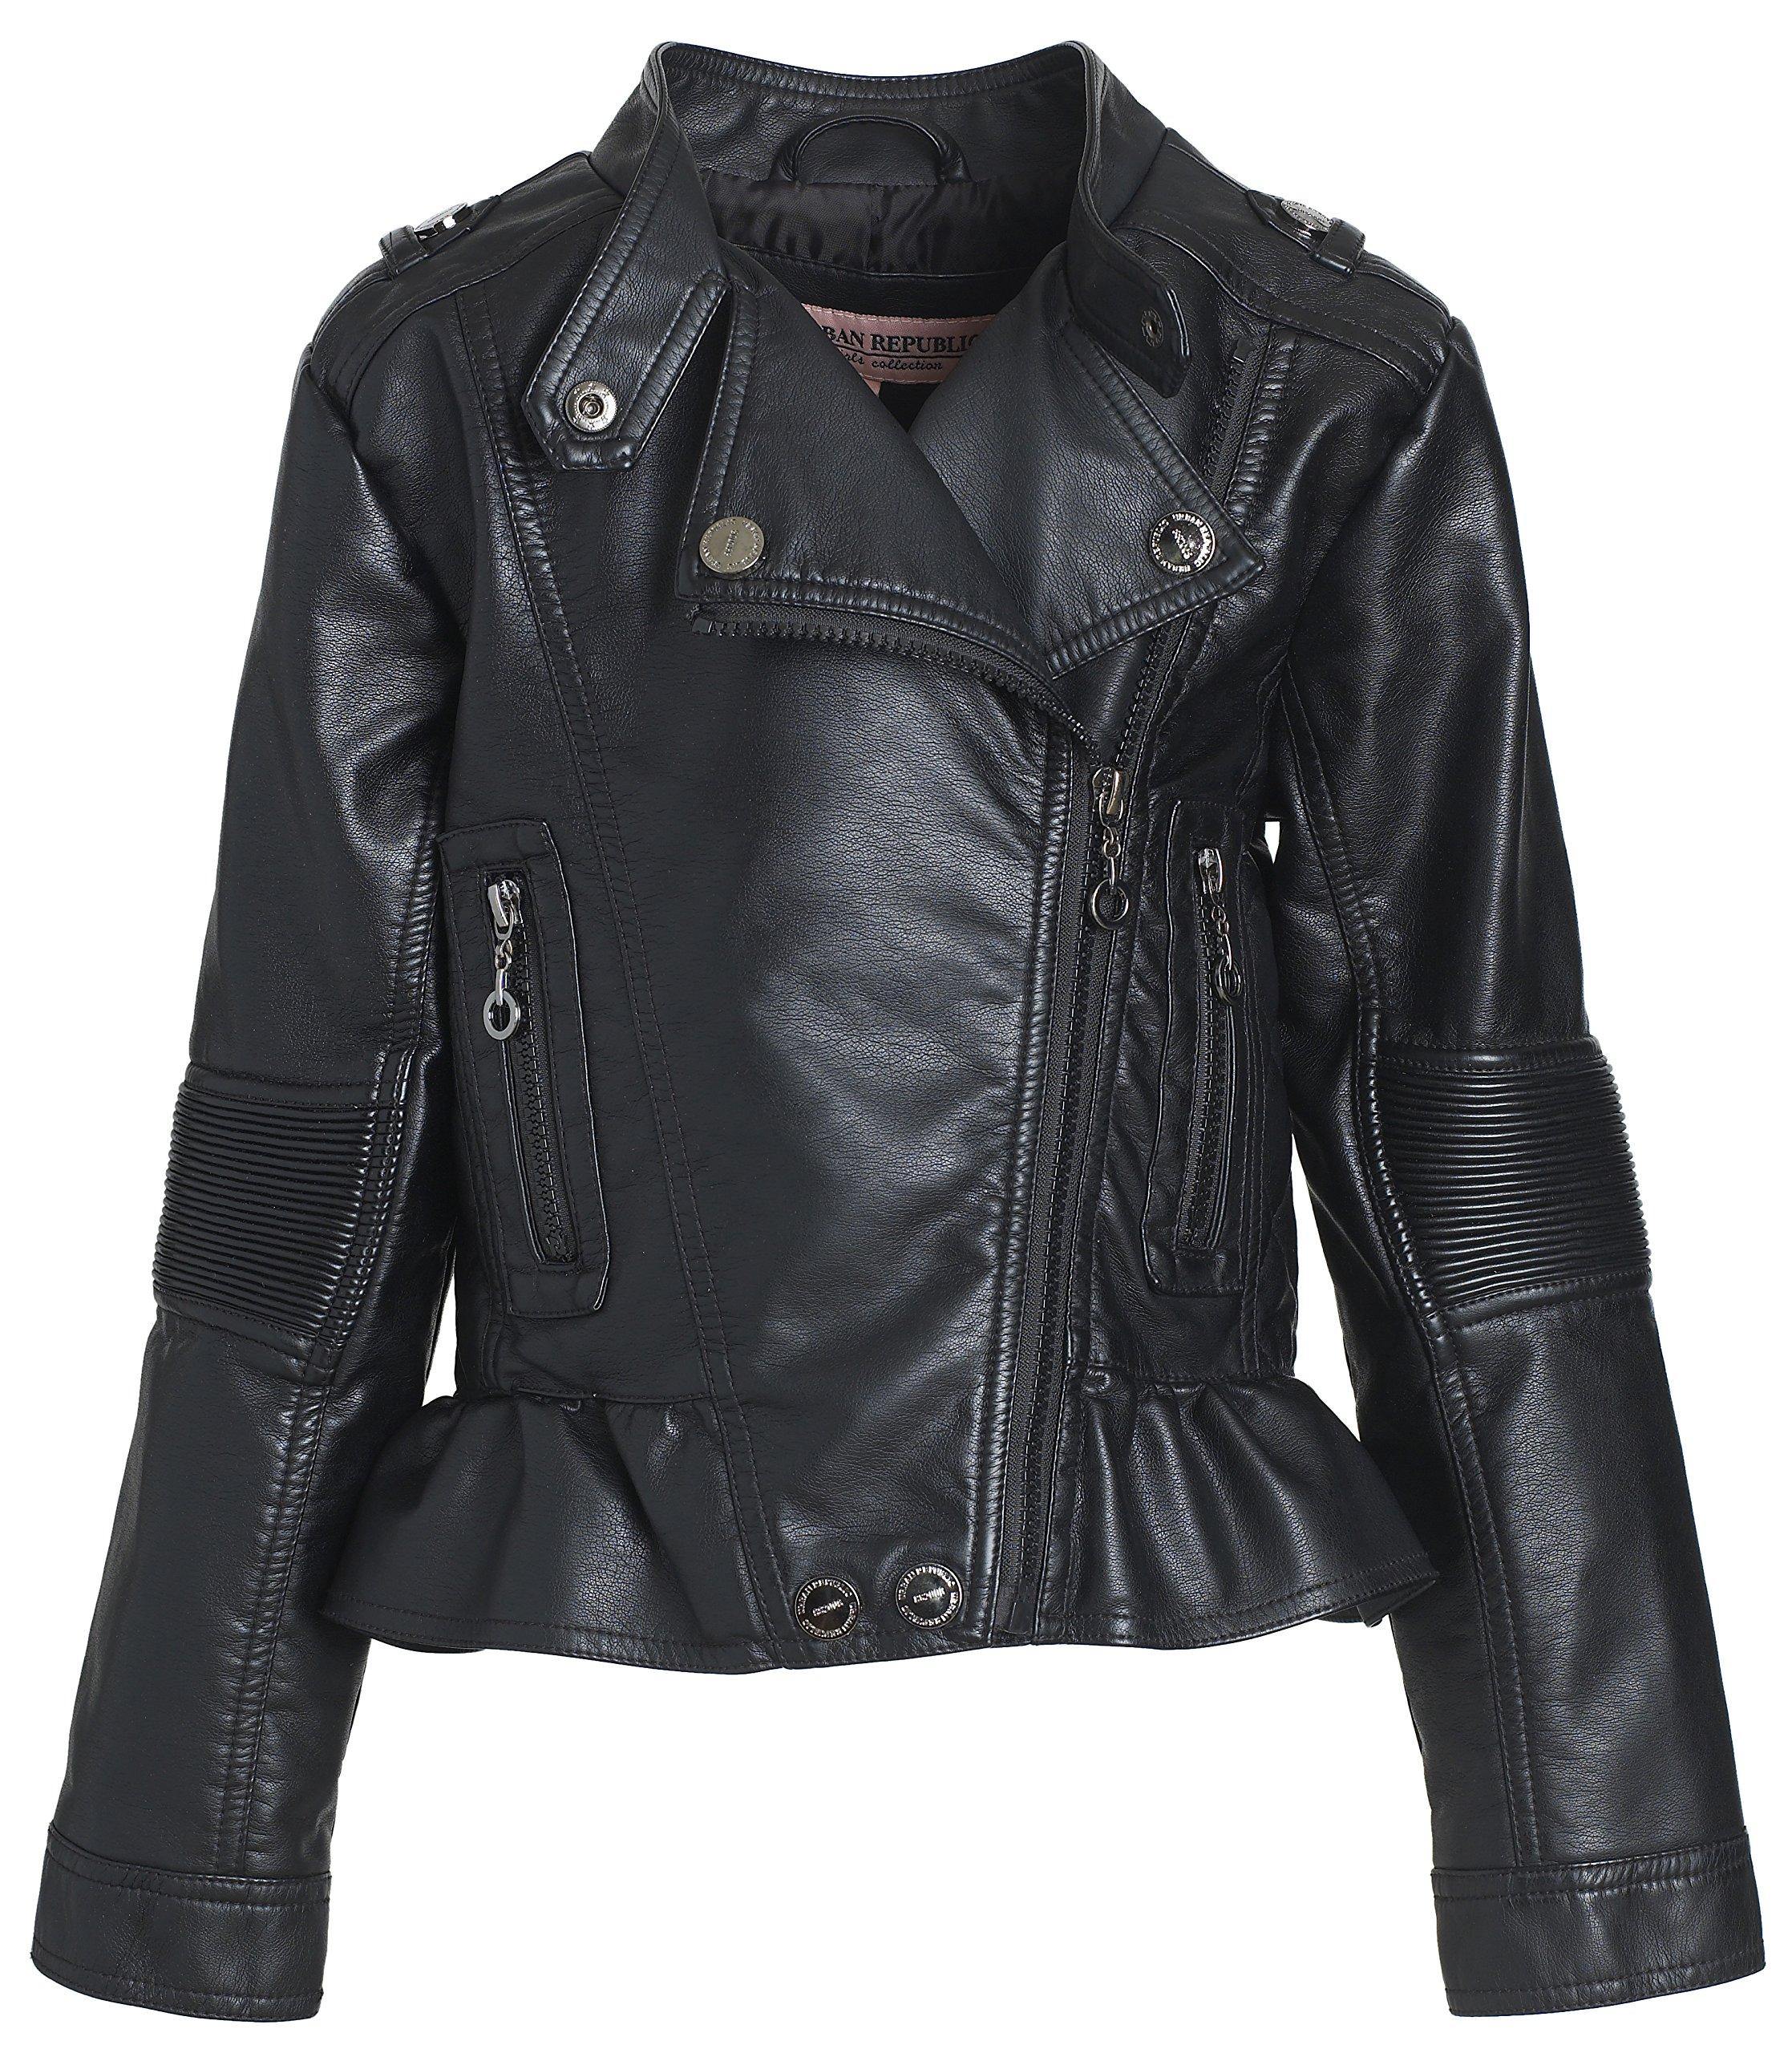 Urban Republic Toddler & Big Girls Faux Leather Motorcycle Moto Biker Jacket - Black (Size 6X)